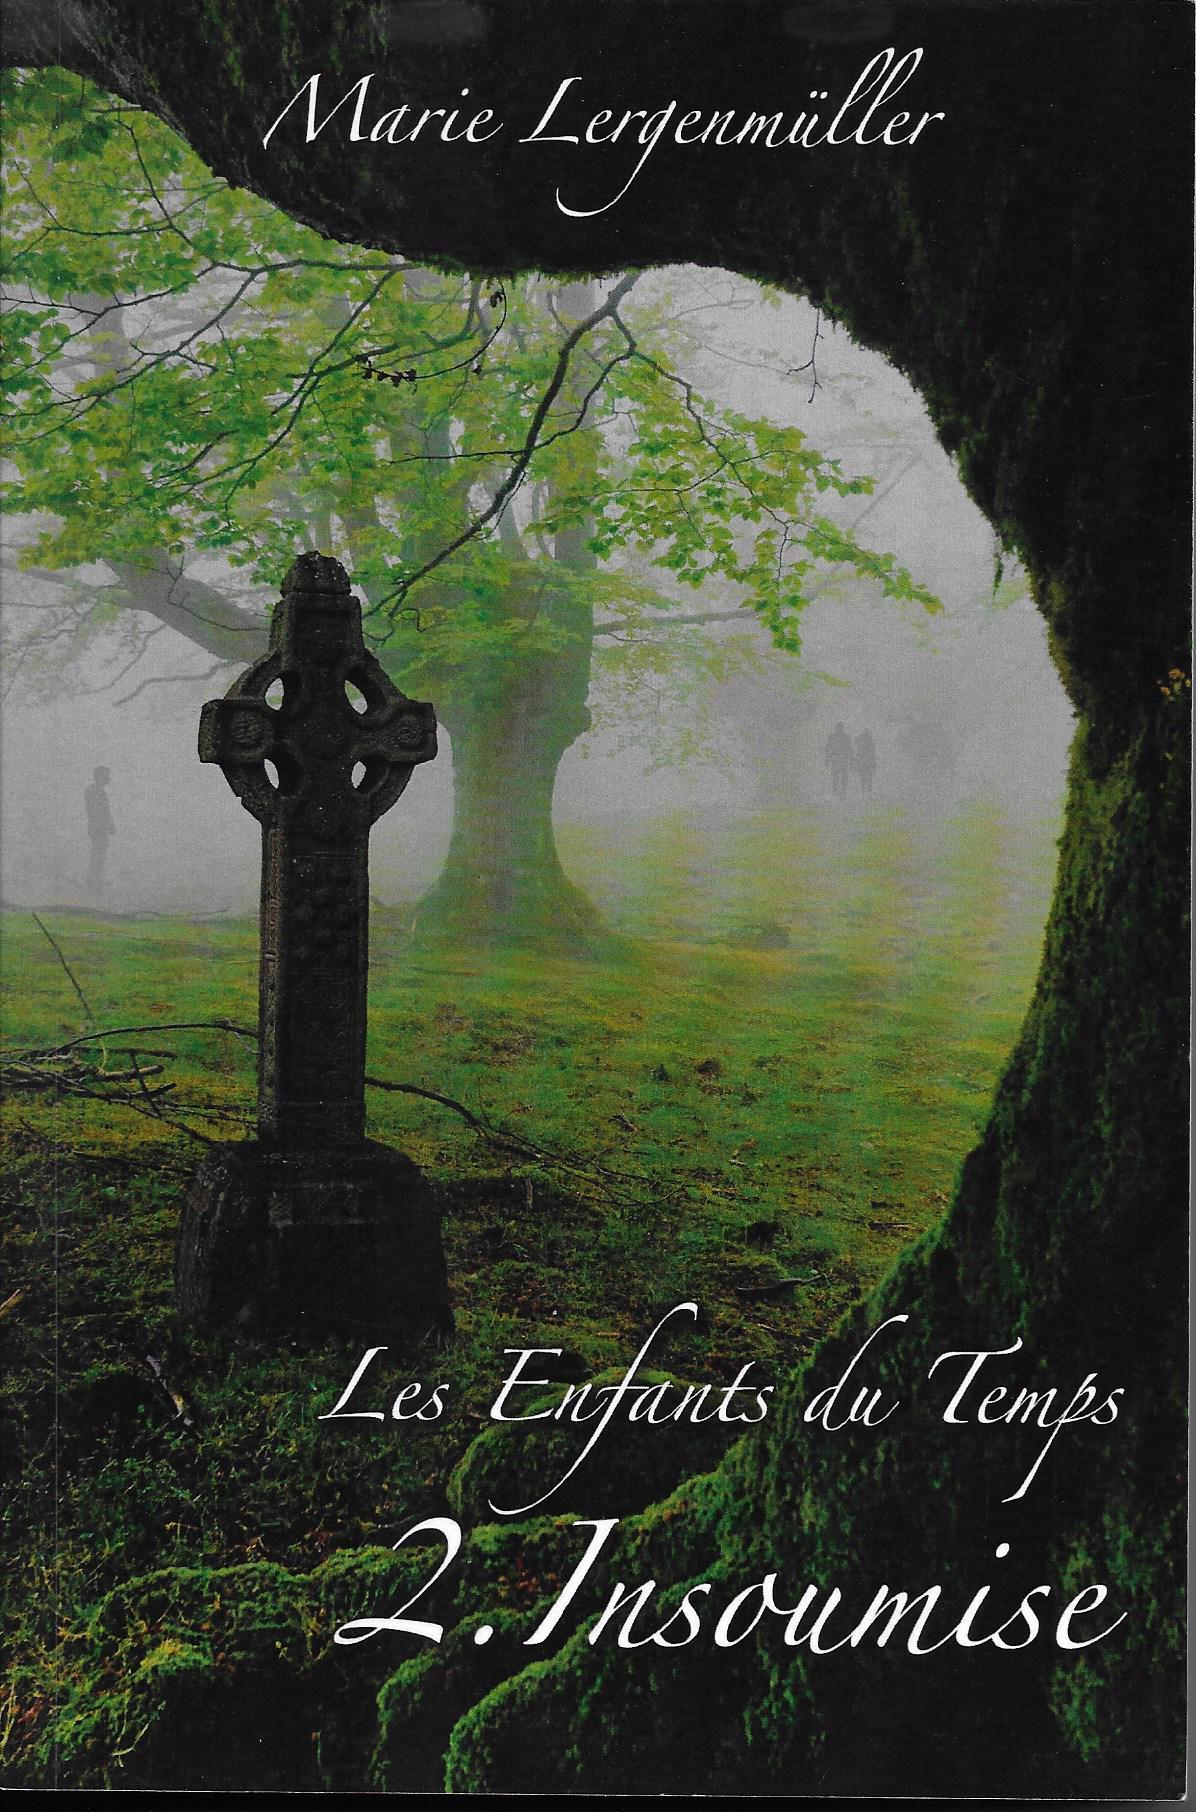 Les Enfants du Temps - Insoumise (couverture recto : Pierre Lergenmüller)